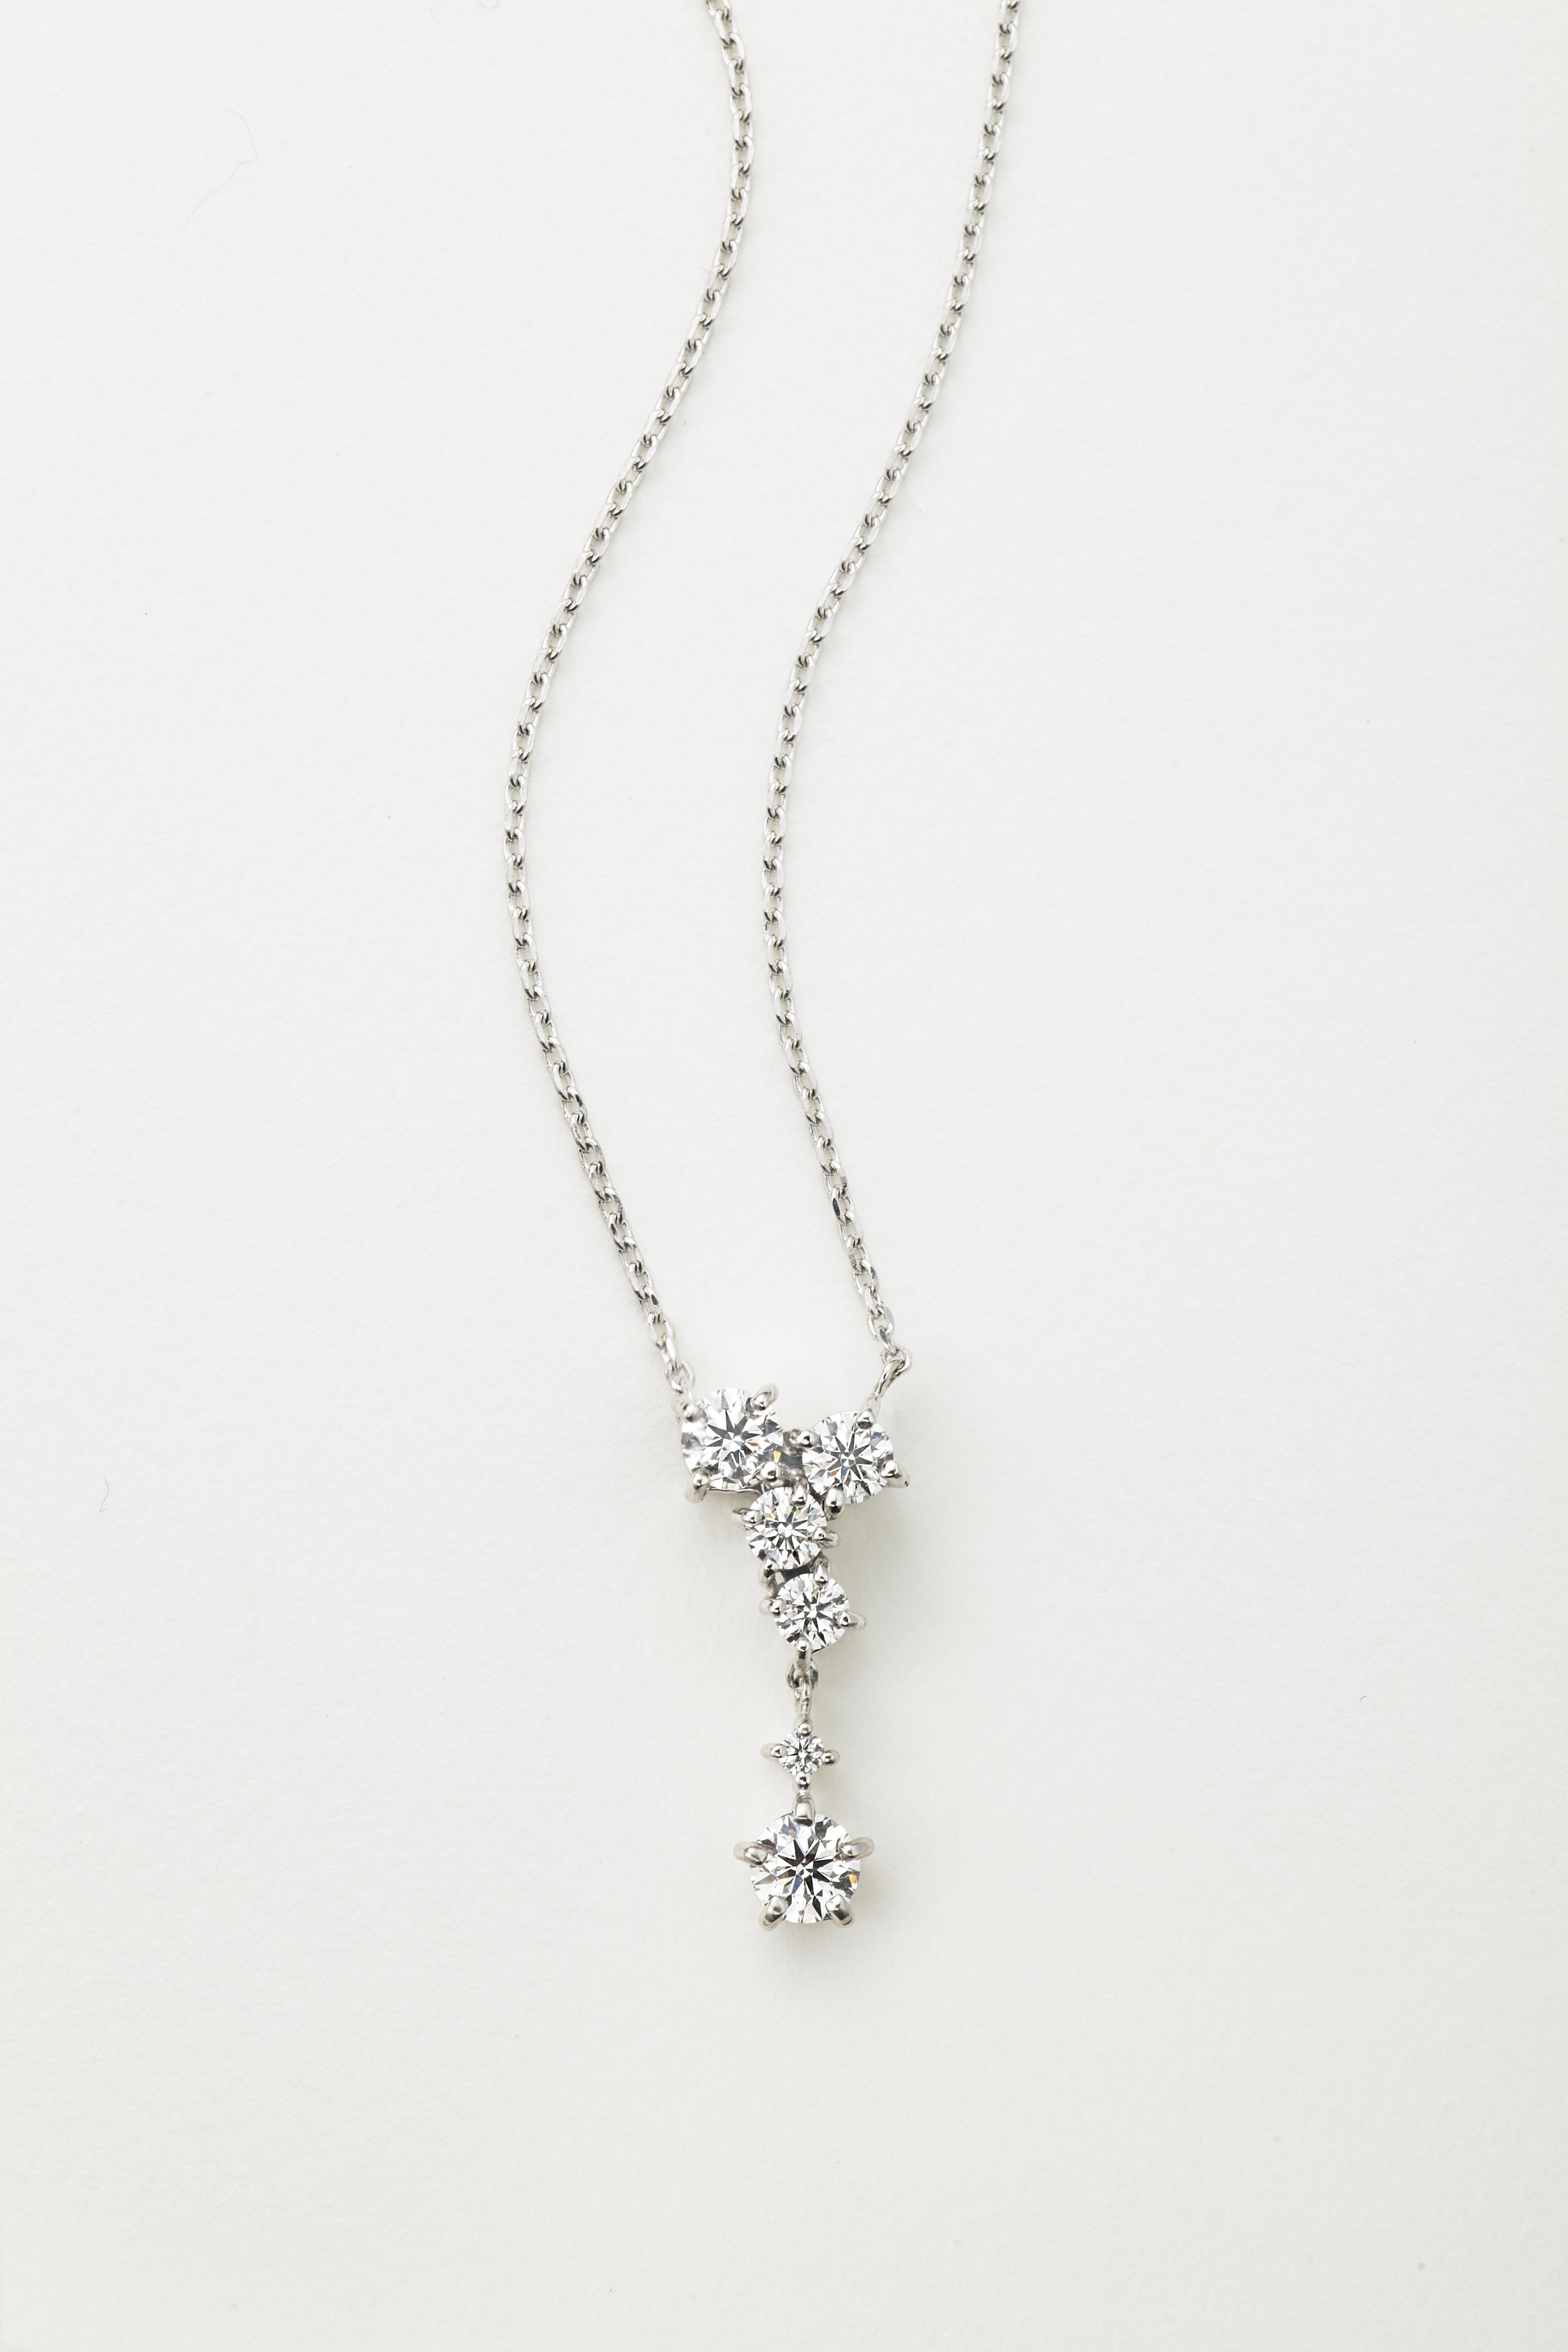 Lazare Diamond(ラザールダイヤモンド) Meteor(ミーティア)